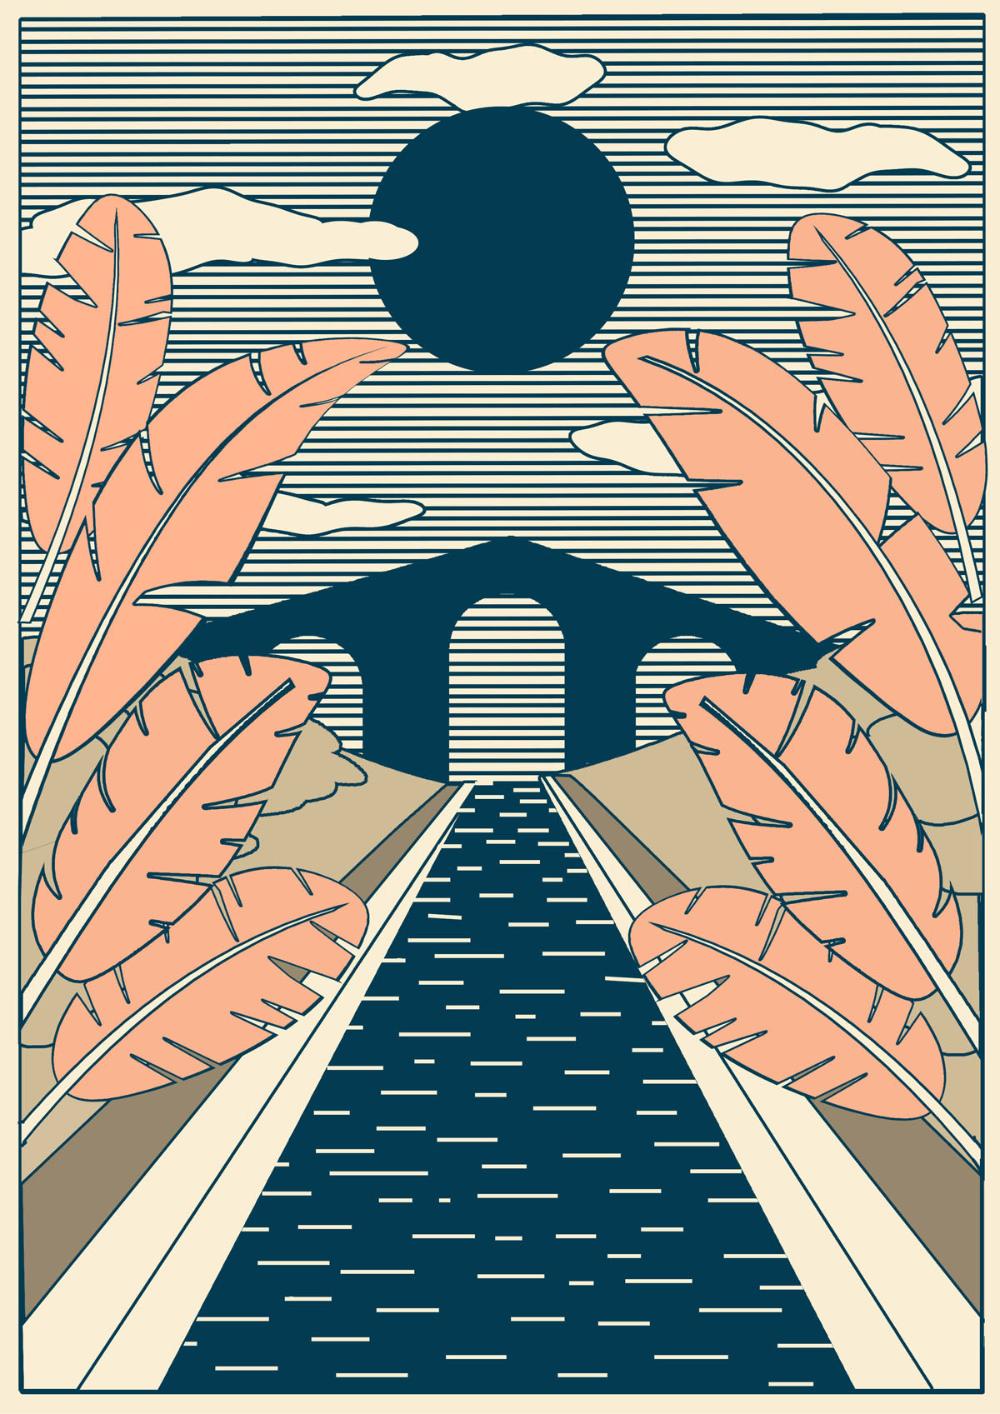 Illustrator Spotlight: George Greaves – BOOOOOOOM! – CREATE * INSPIRE * COMMUNITY * ART * DESIGN * MUSIC * FILM * PHOTO * PROJECTS